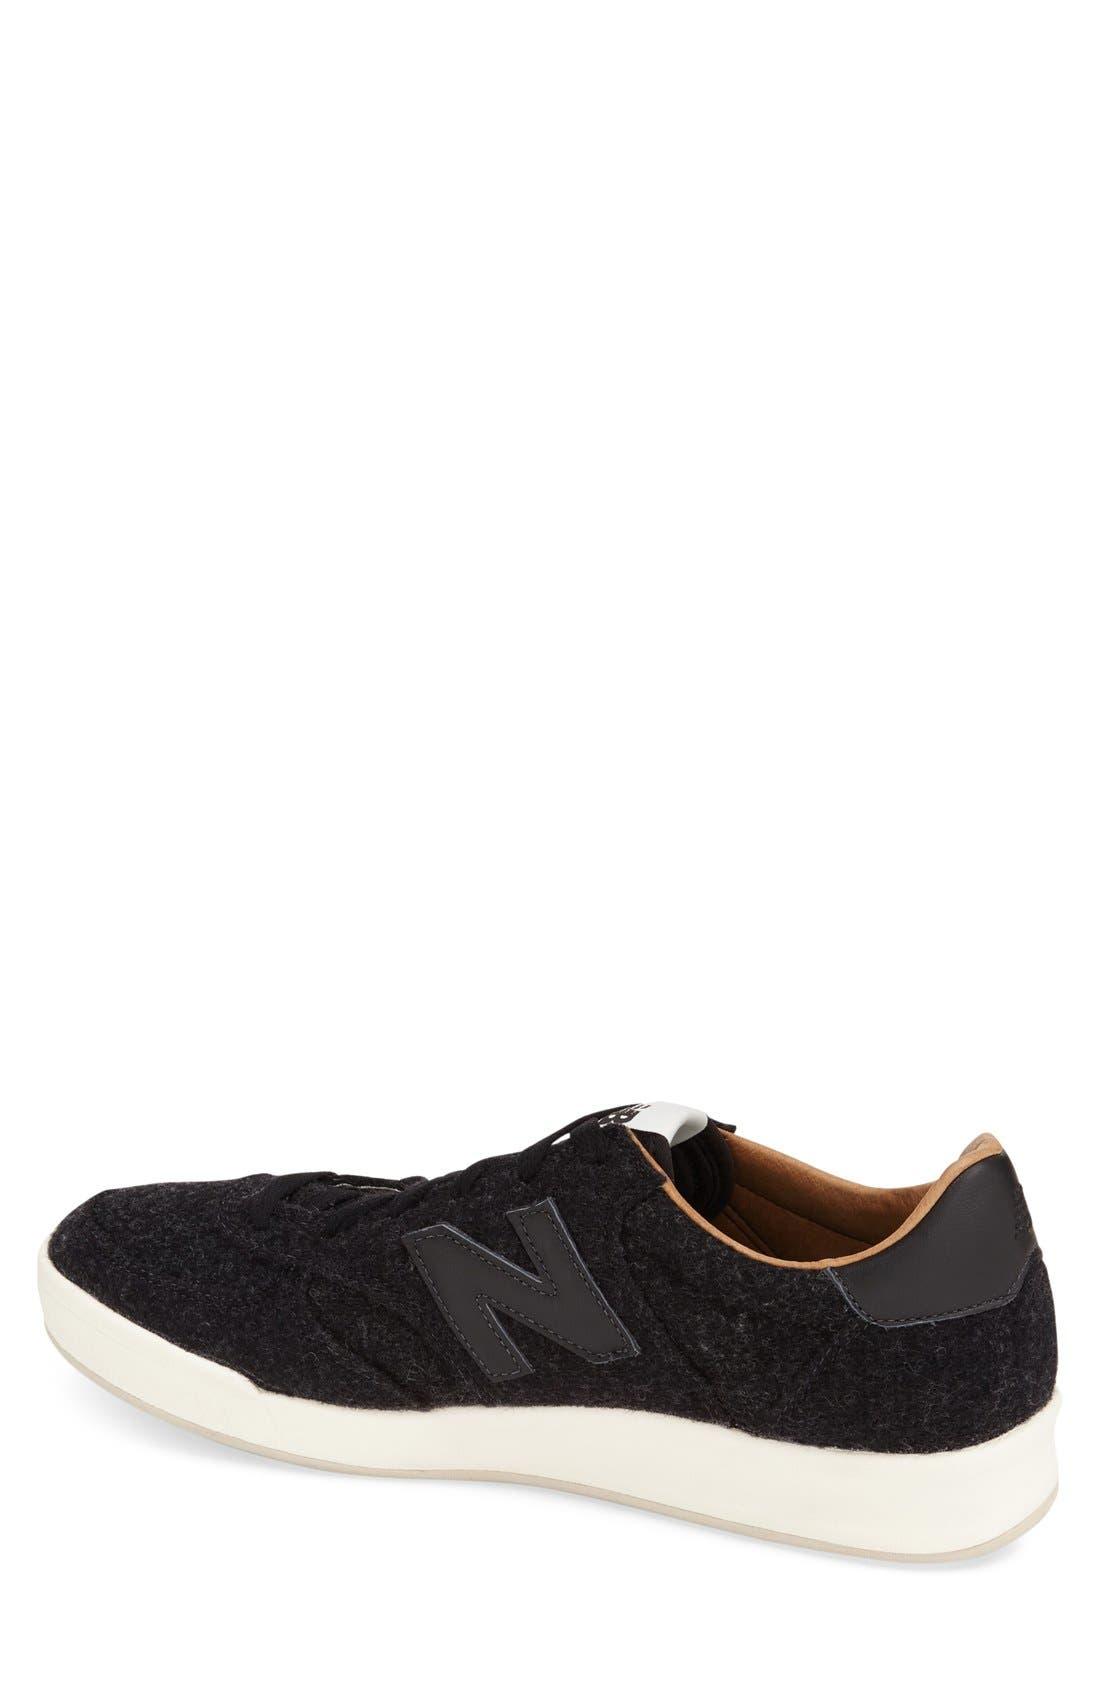 '300' Sneaker,                             Alternate thumbnail 2, color,                             001